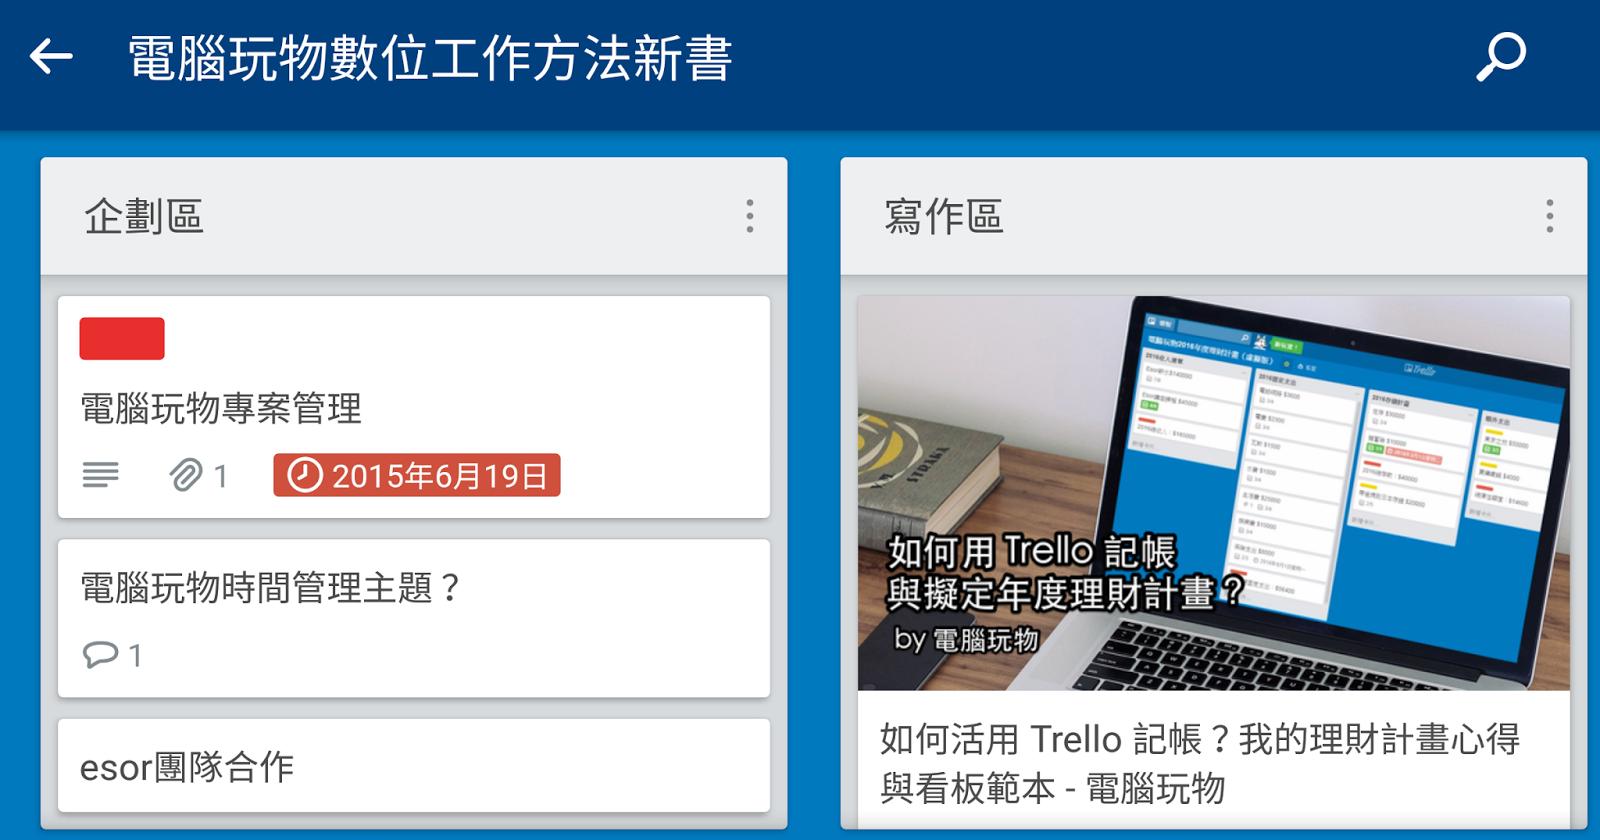 如何將網頁資料快速剪貼到 Trello?收集專案資料技巧